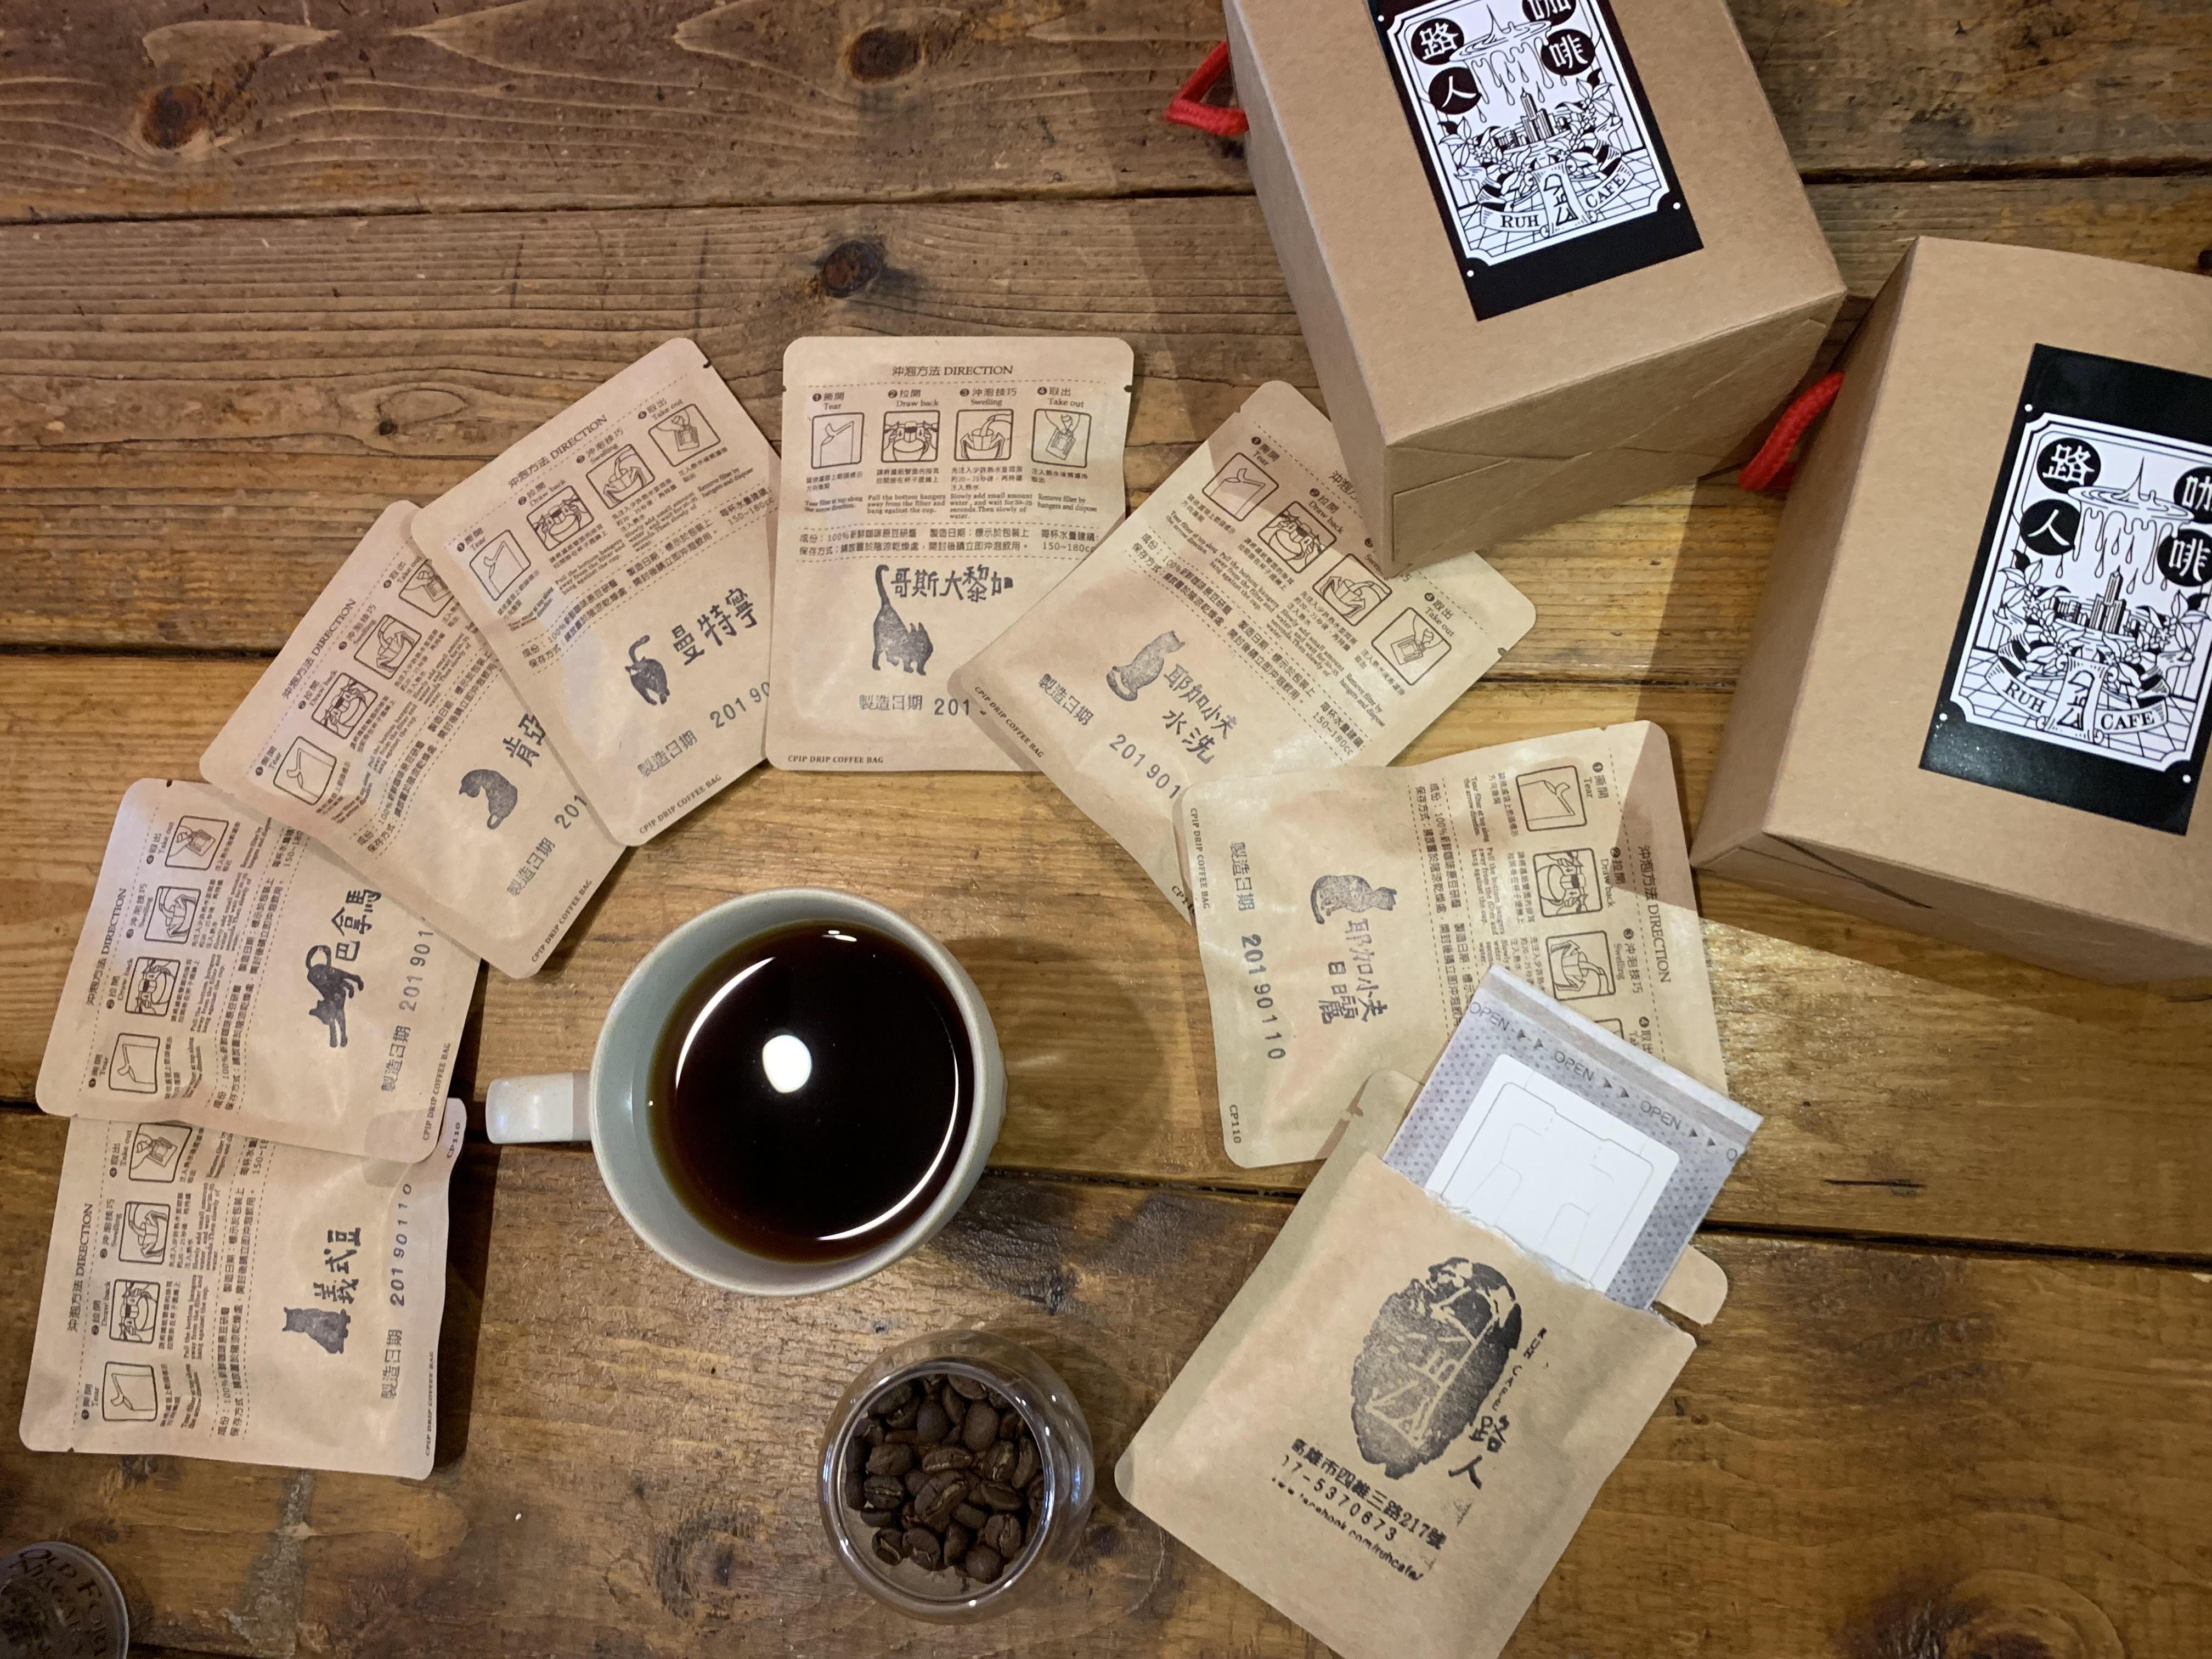 【路人咖啡】濾掛式咖啡.散裝單包.15克重量包.買八送一 (出國旅行首選.輕便又快速) 1